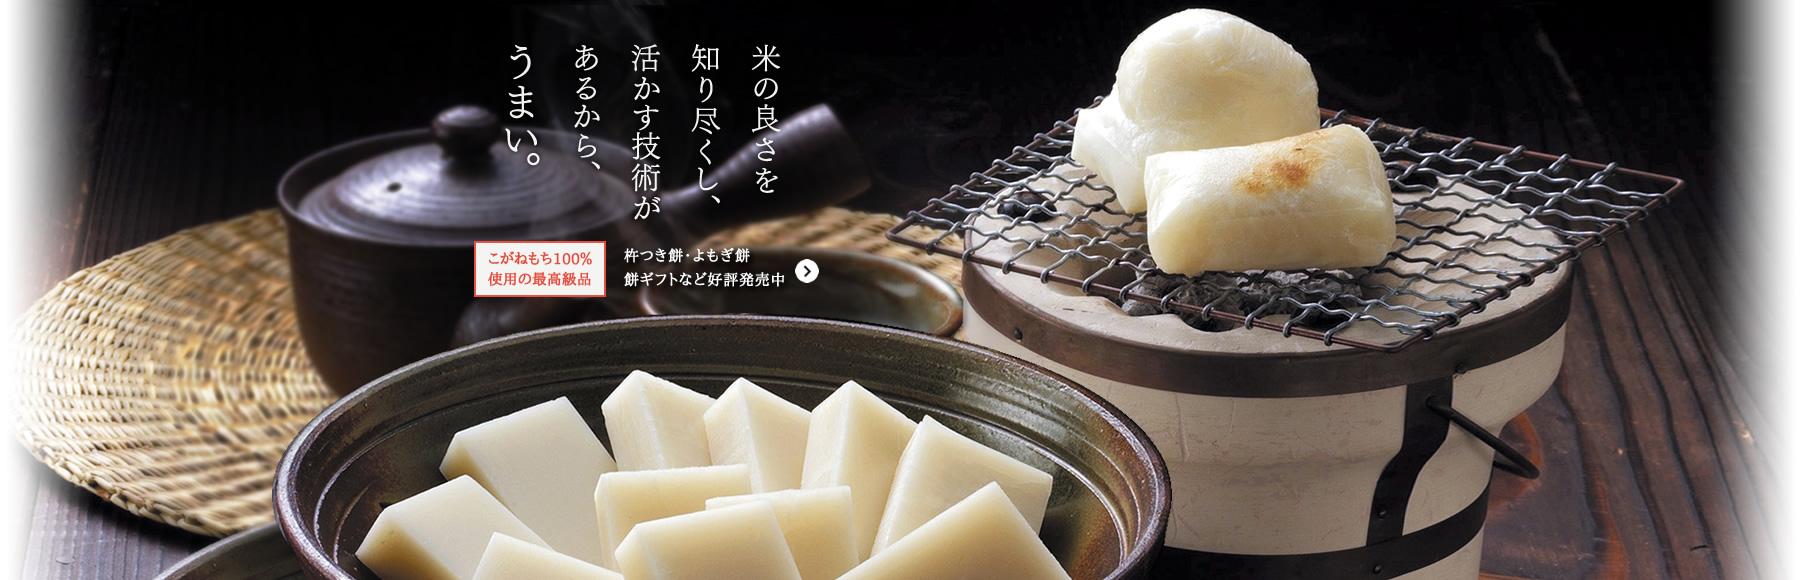 米の良さを知り尽くし、活かす技術があるから、うまい。